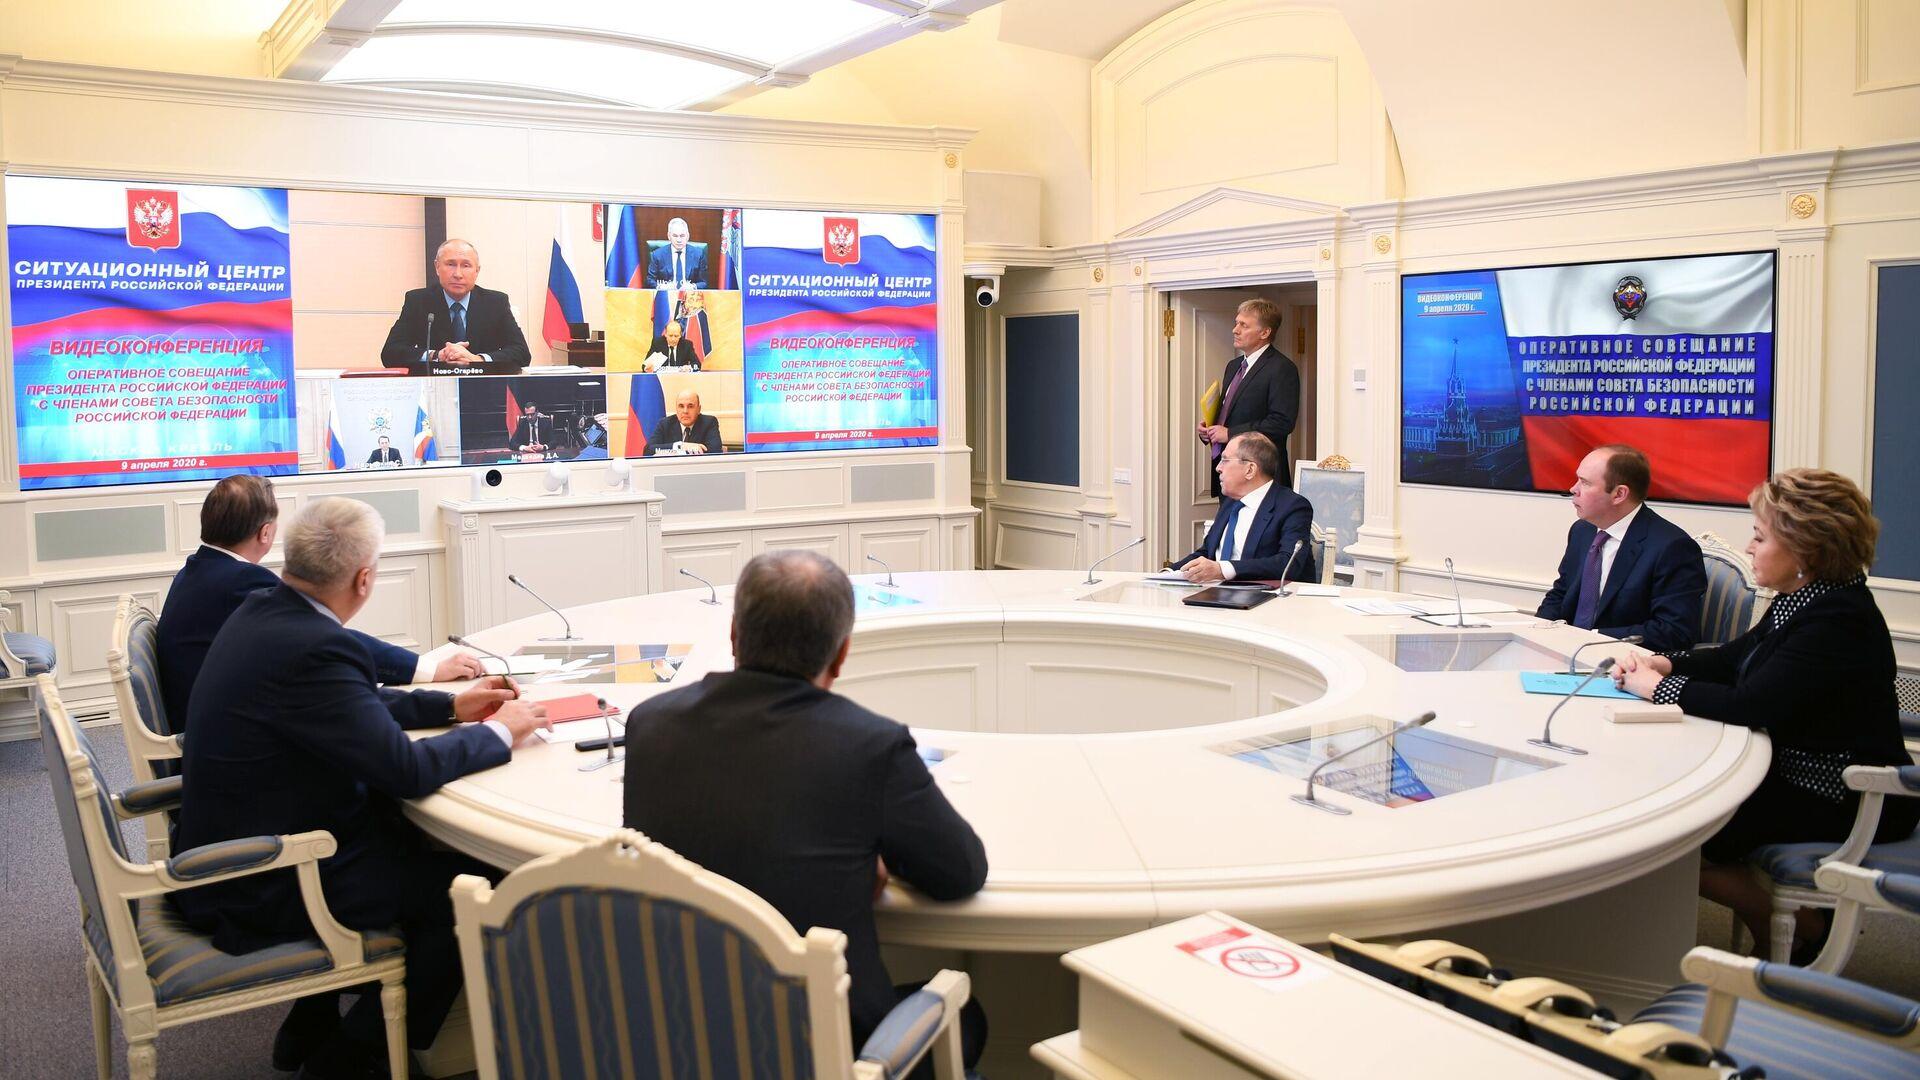 Заседание Совбеза РФ в режиме видеоконференции - РИА Новости, 1920, 28.12.2020